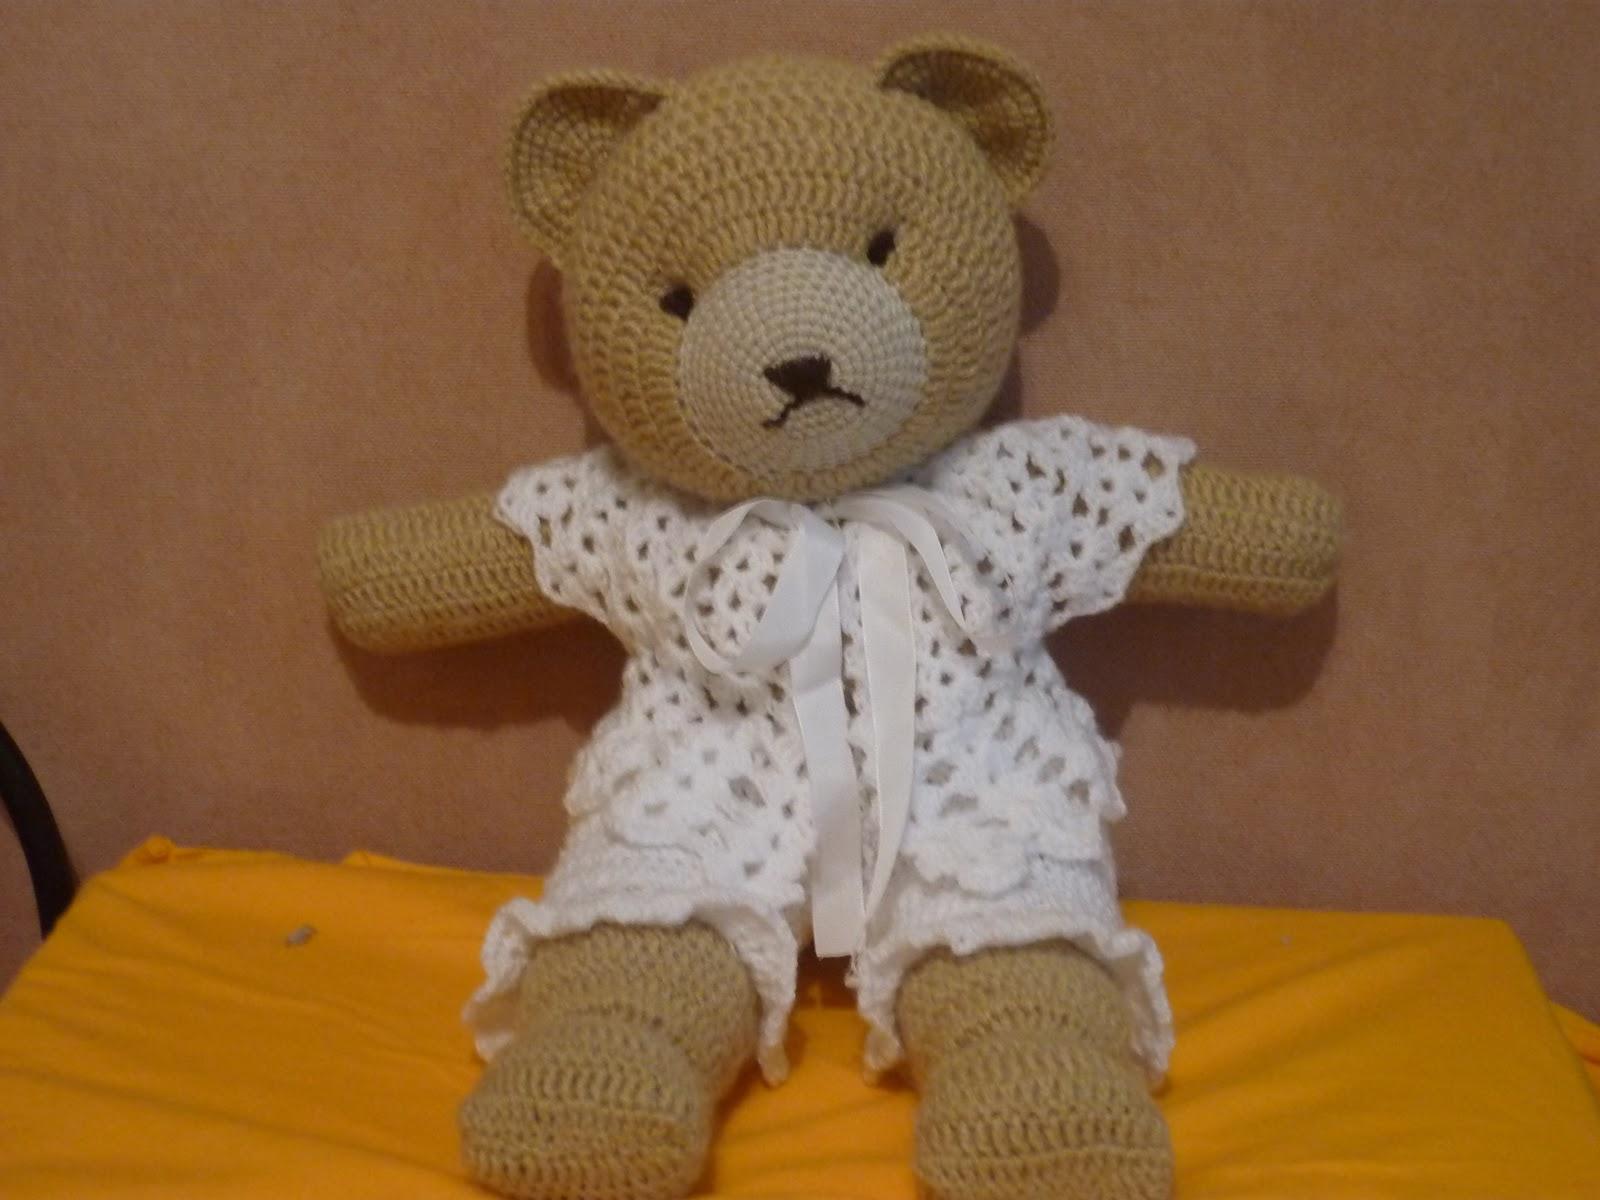 Amigurumi Oveja : Tejiendo Suenos: Canelle Oso amigurumi ( un oso romantico)